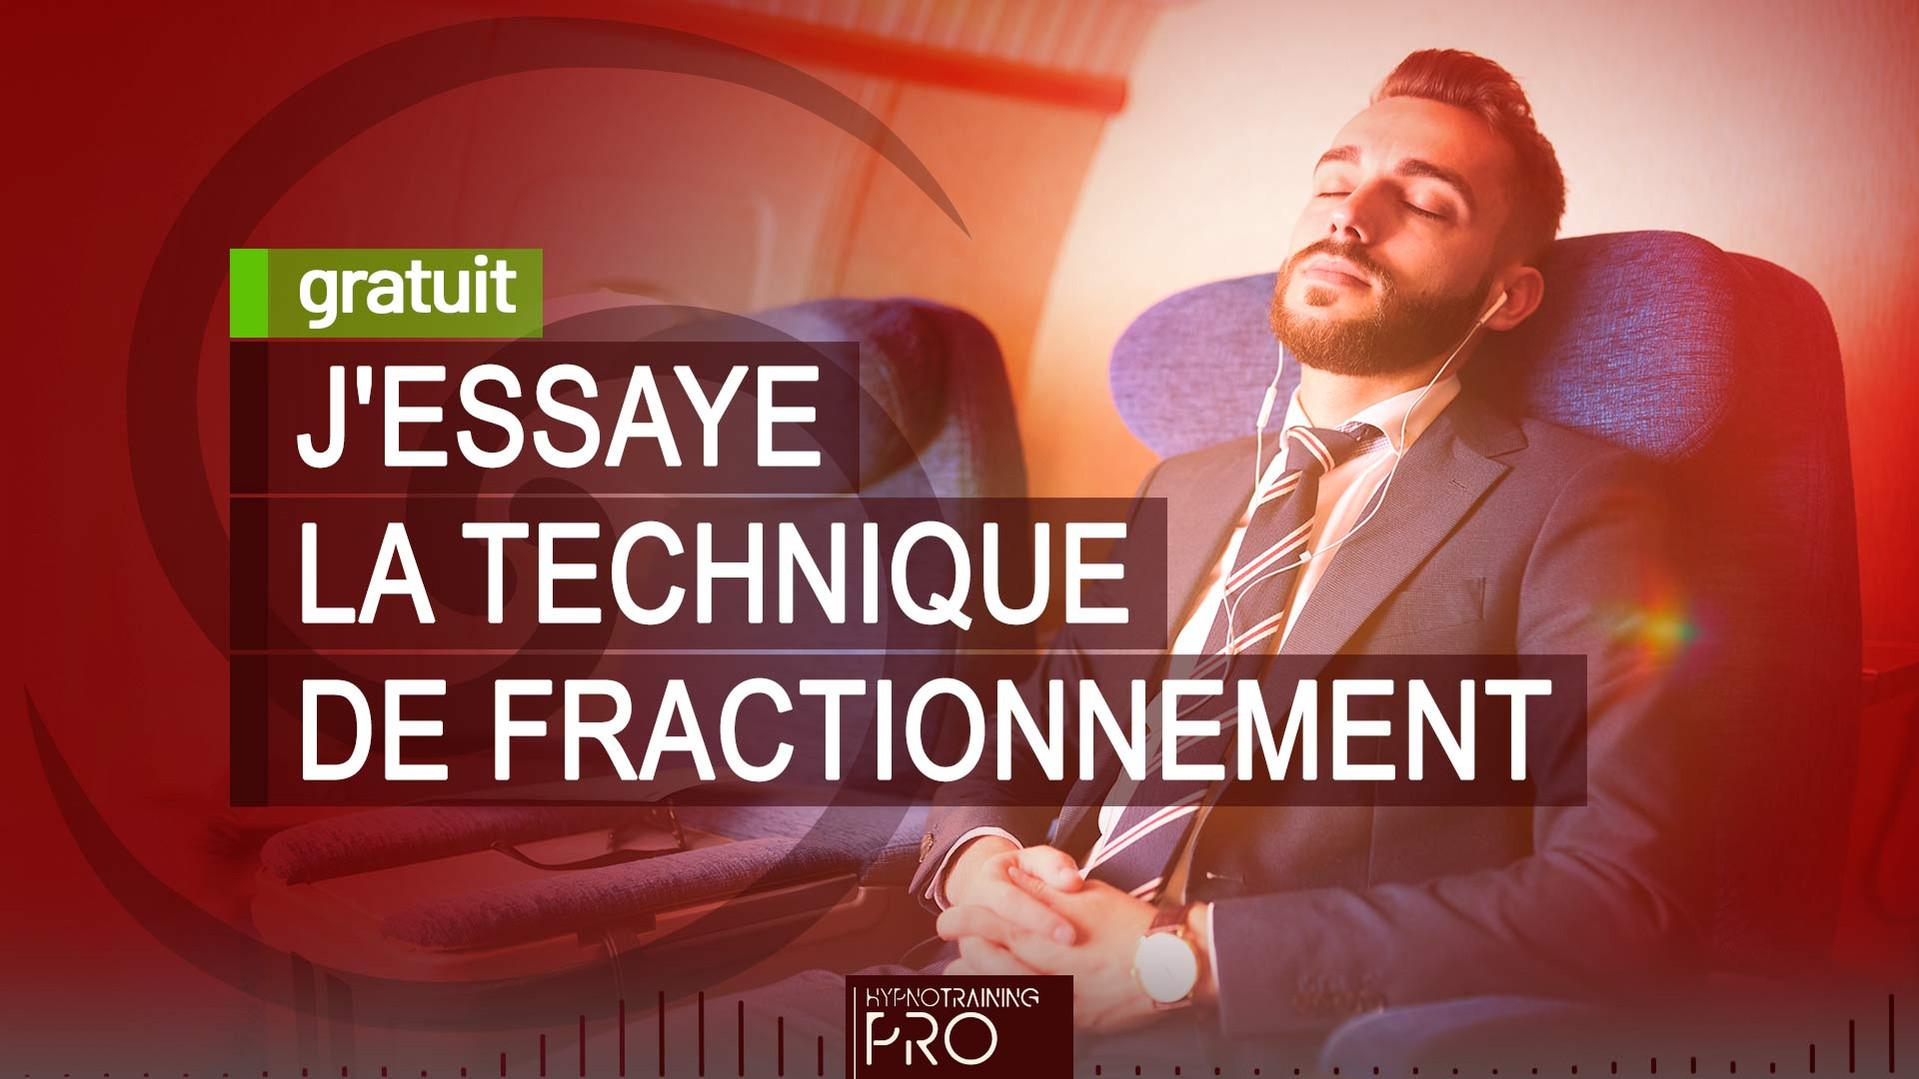 J'ESSAYE LA TECHNIQUE DE FRACTIONNEMENT